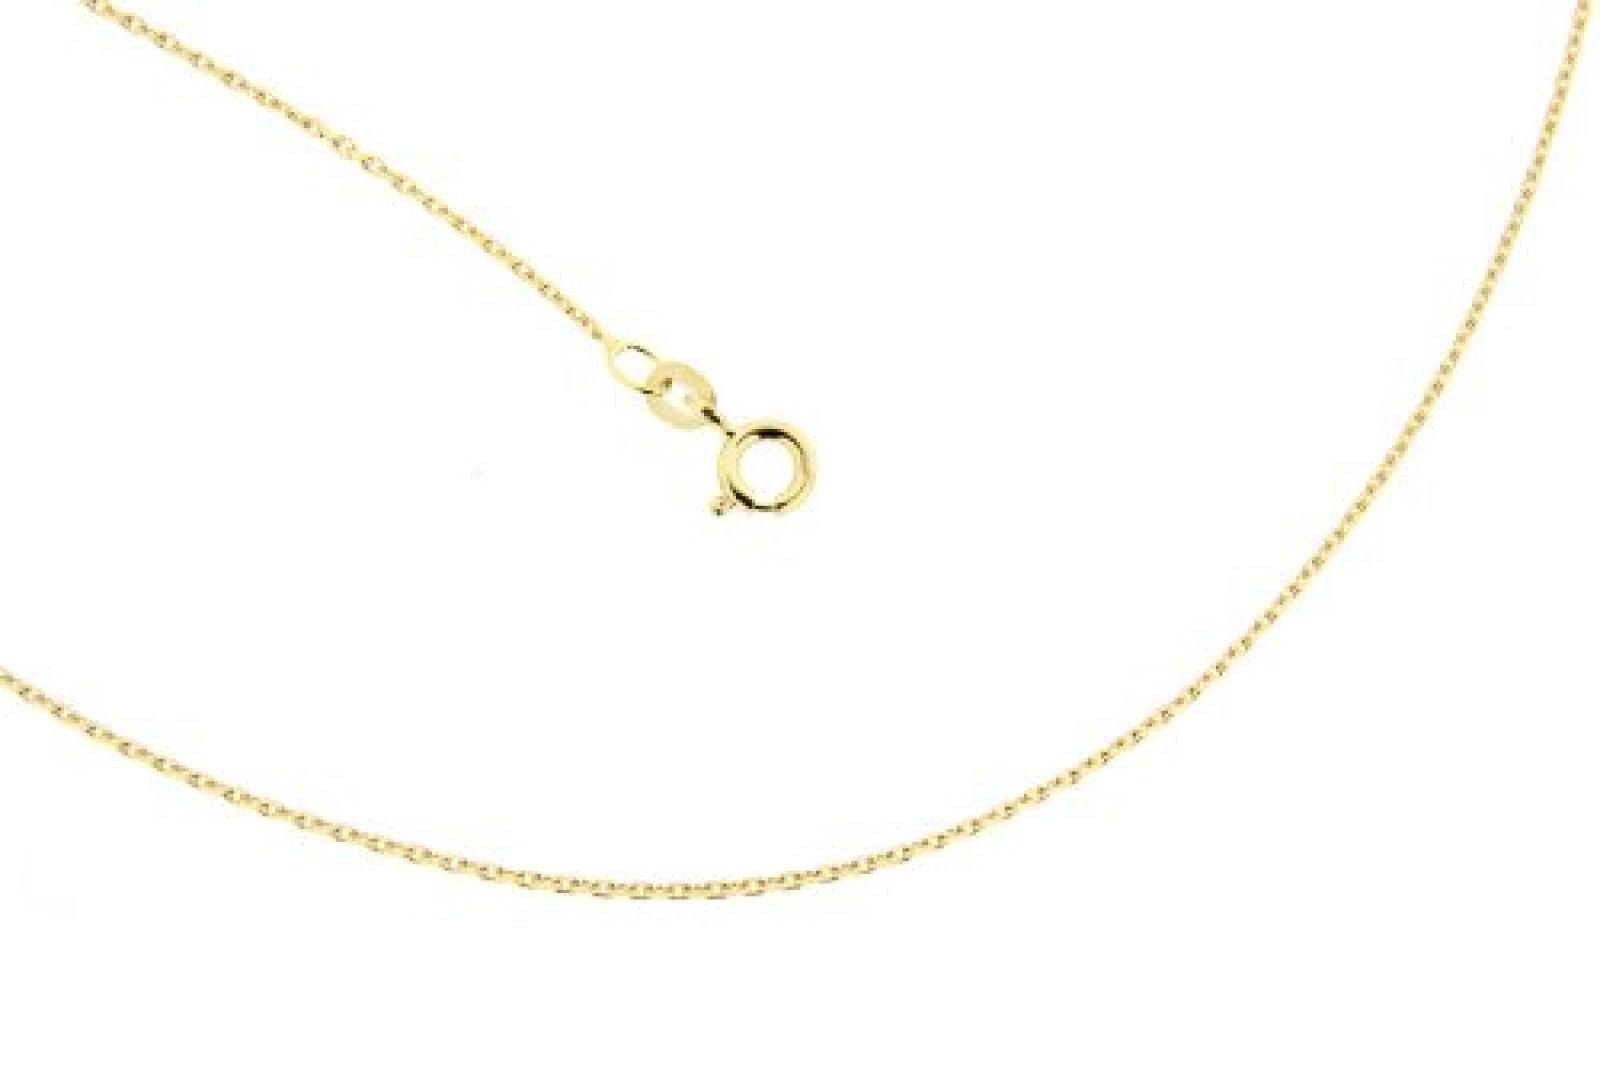 BOB C. Damen Halskette 14 Karat (585) Gelbgold 45.0 cm 259232